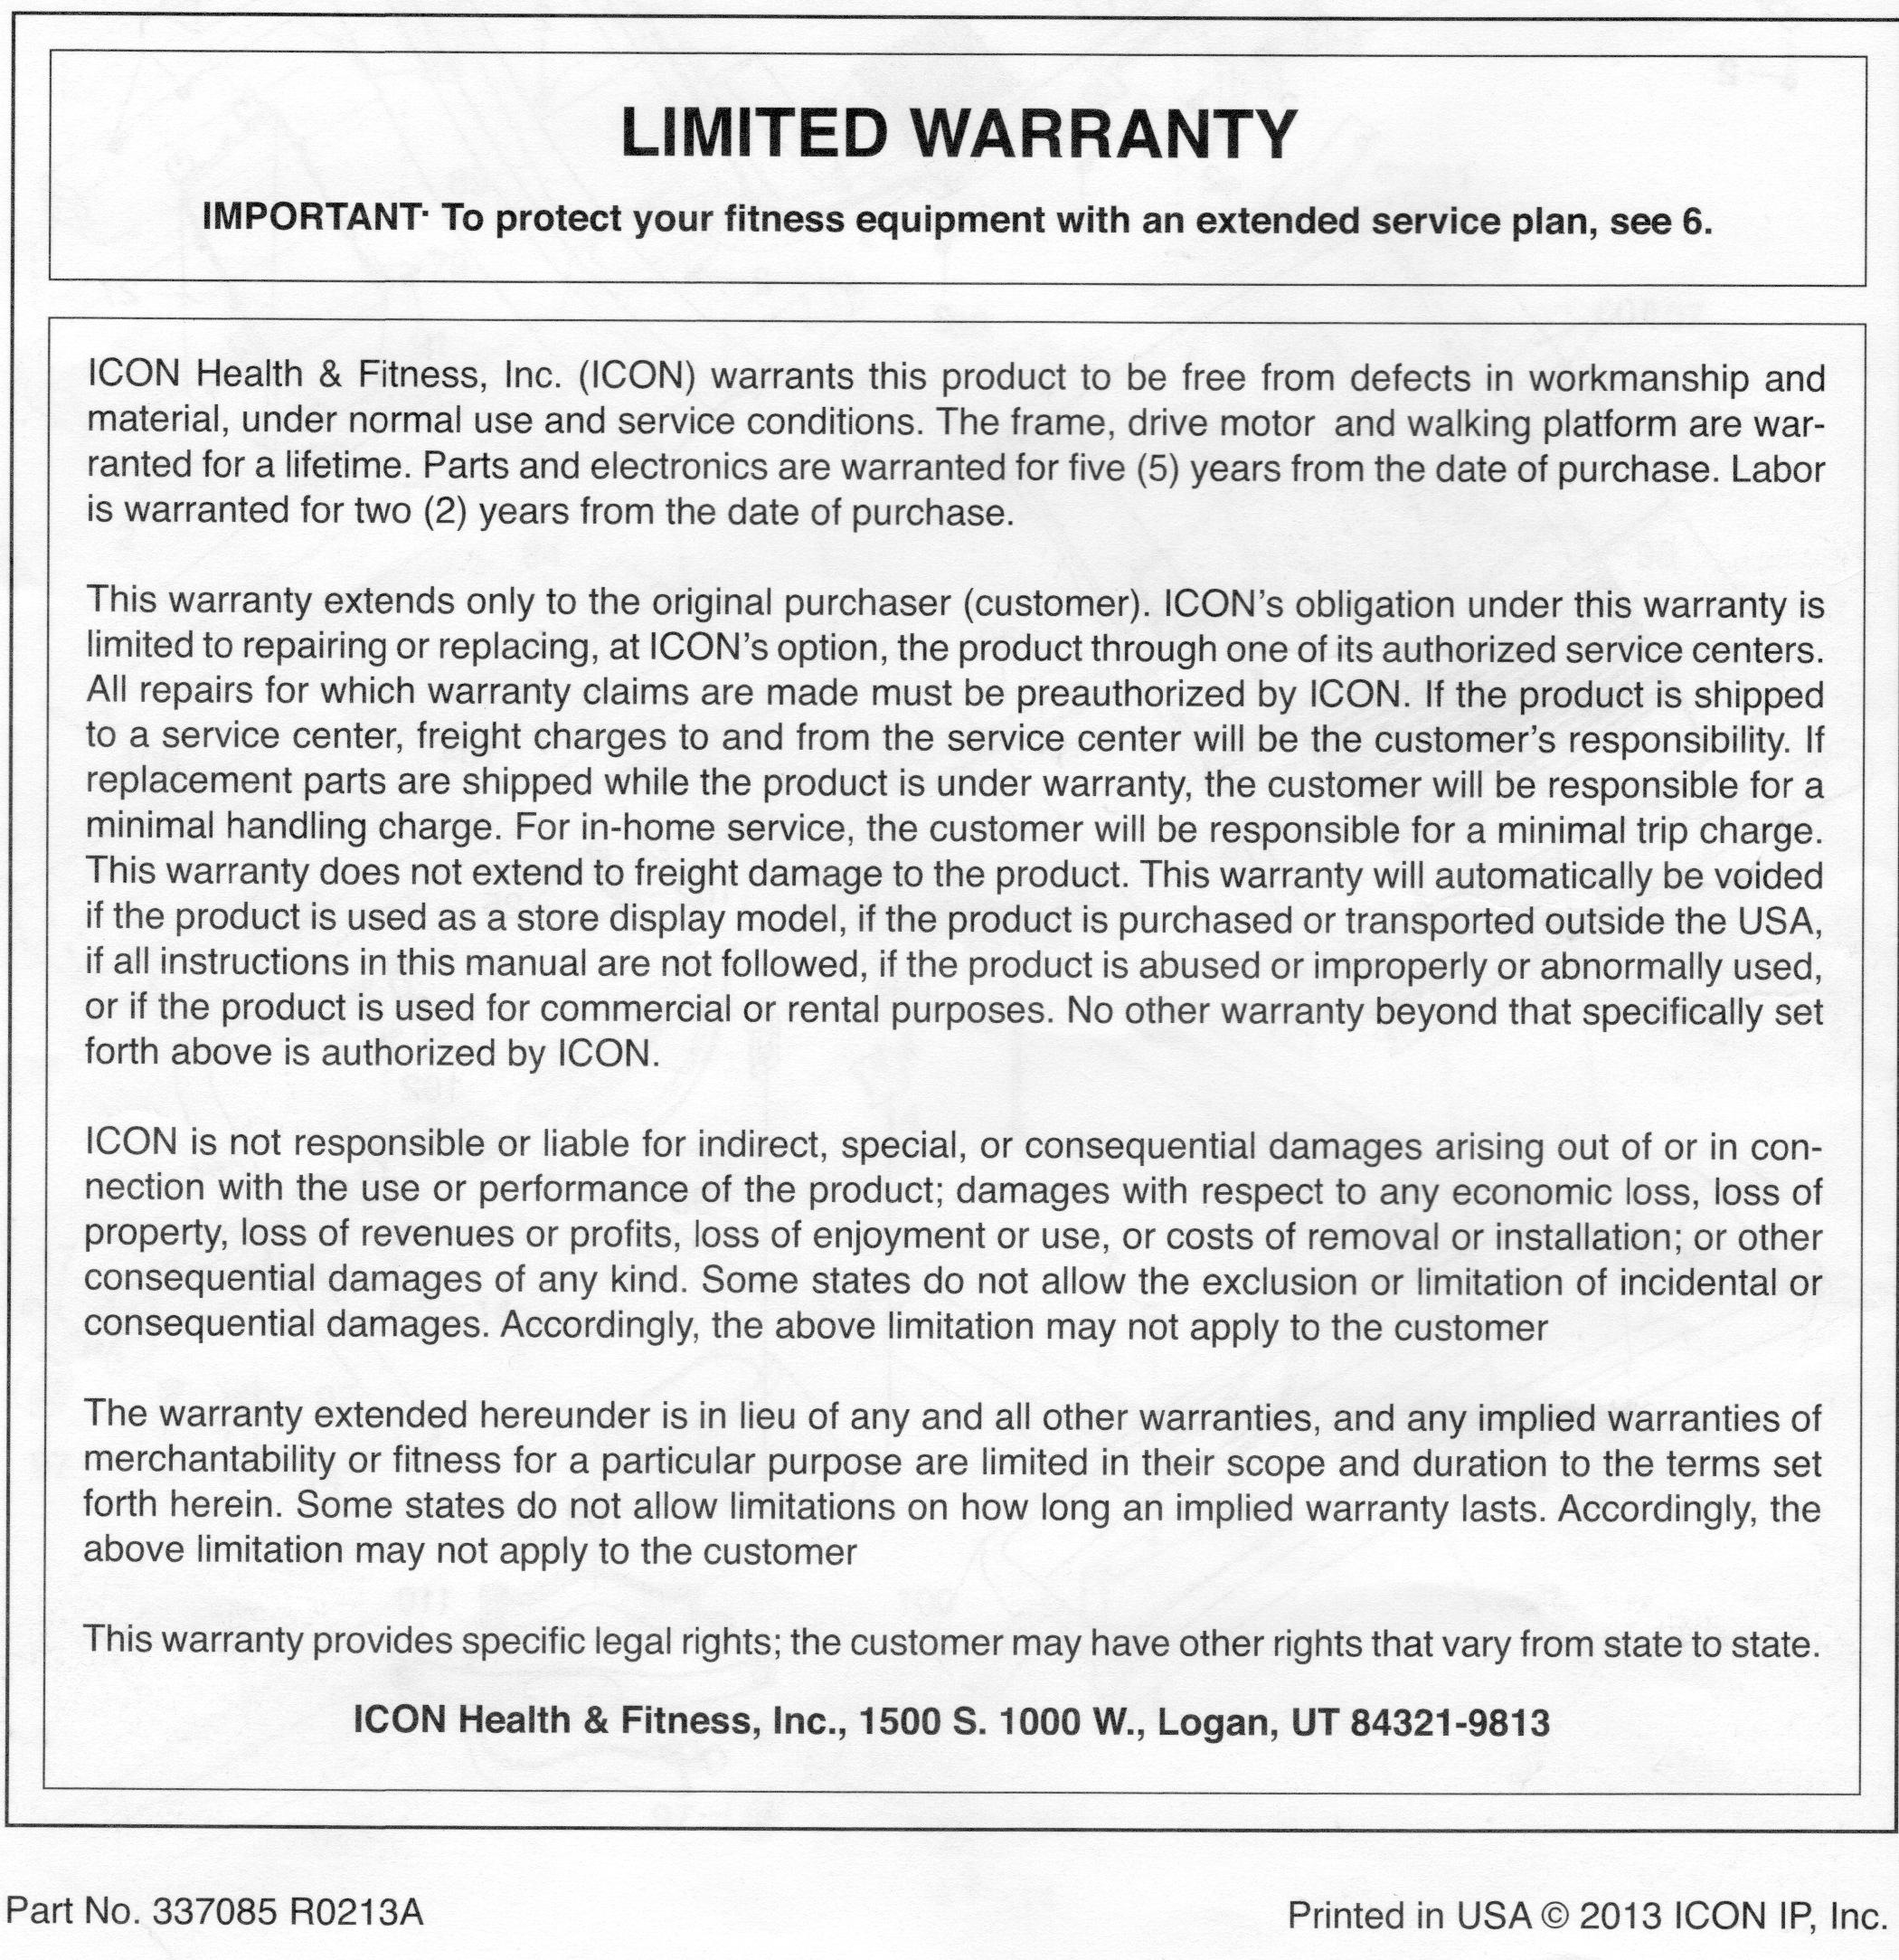 Extended Warranty Letter Buy an Extended Warranty